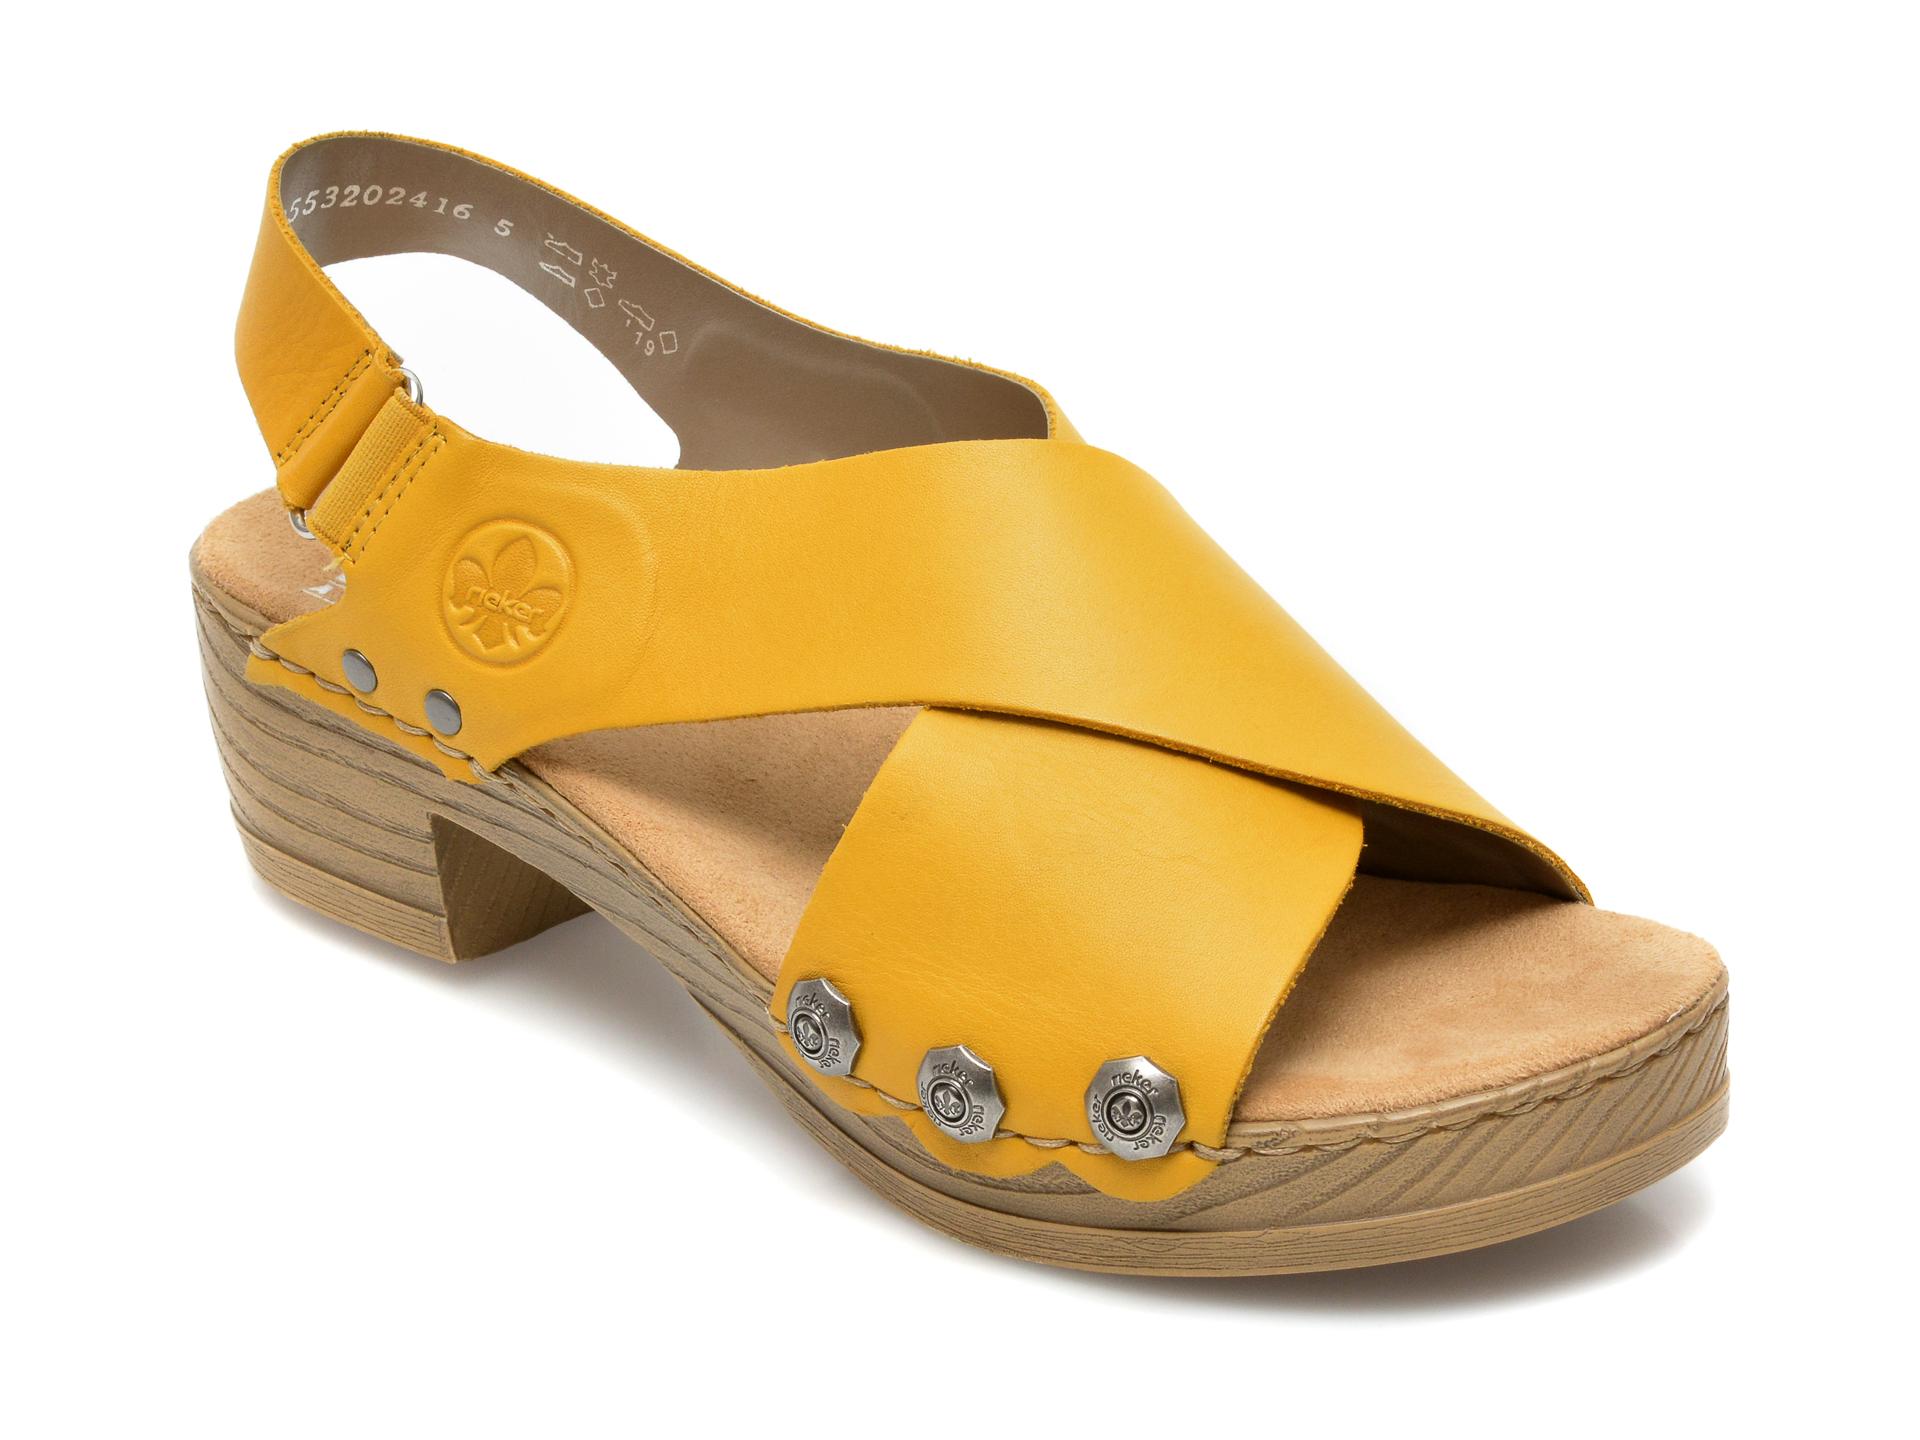 Sandale RIEKER galbene, V6888, din piele ecologica imagine otter.ro 2021